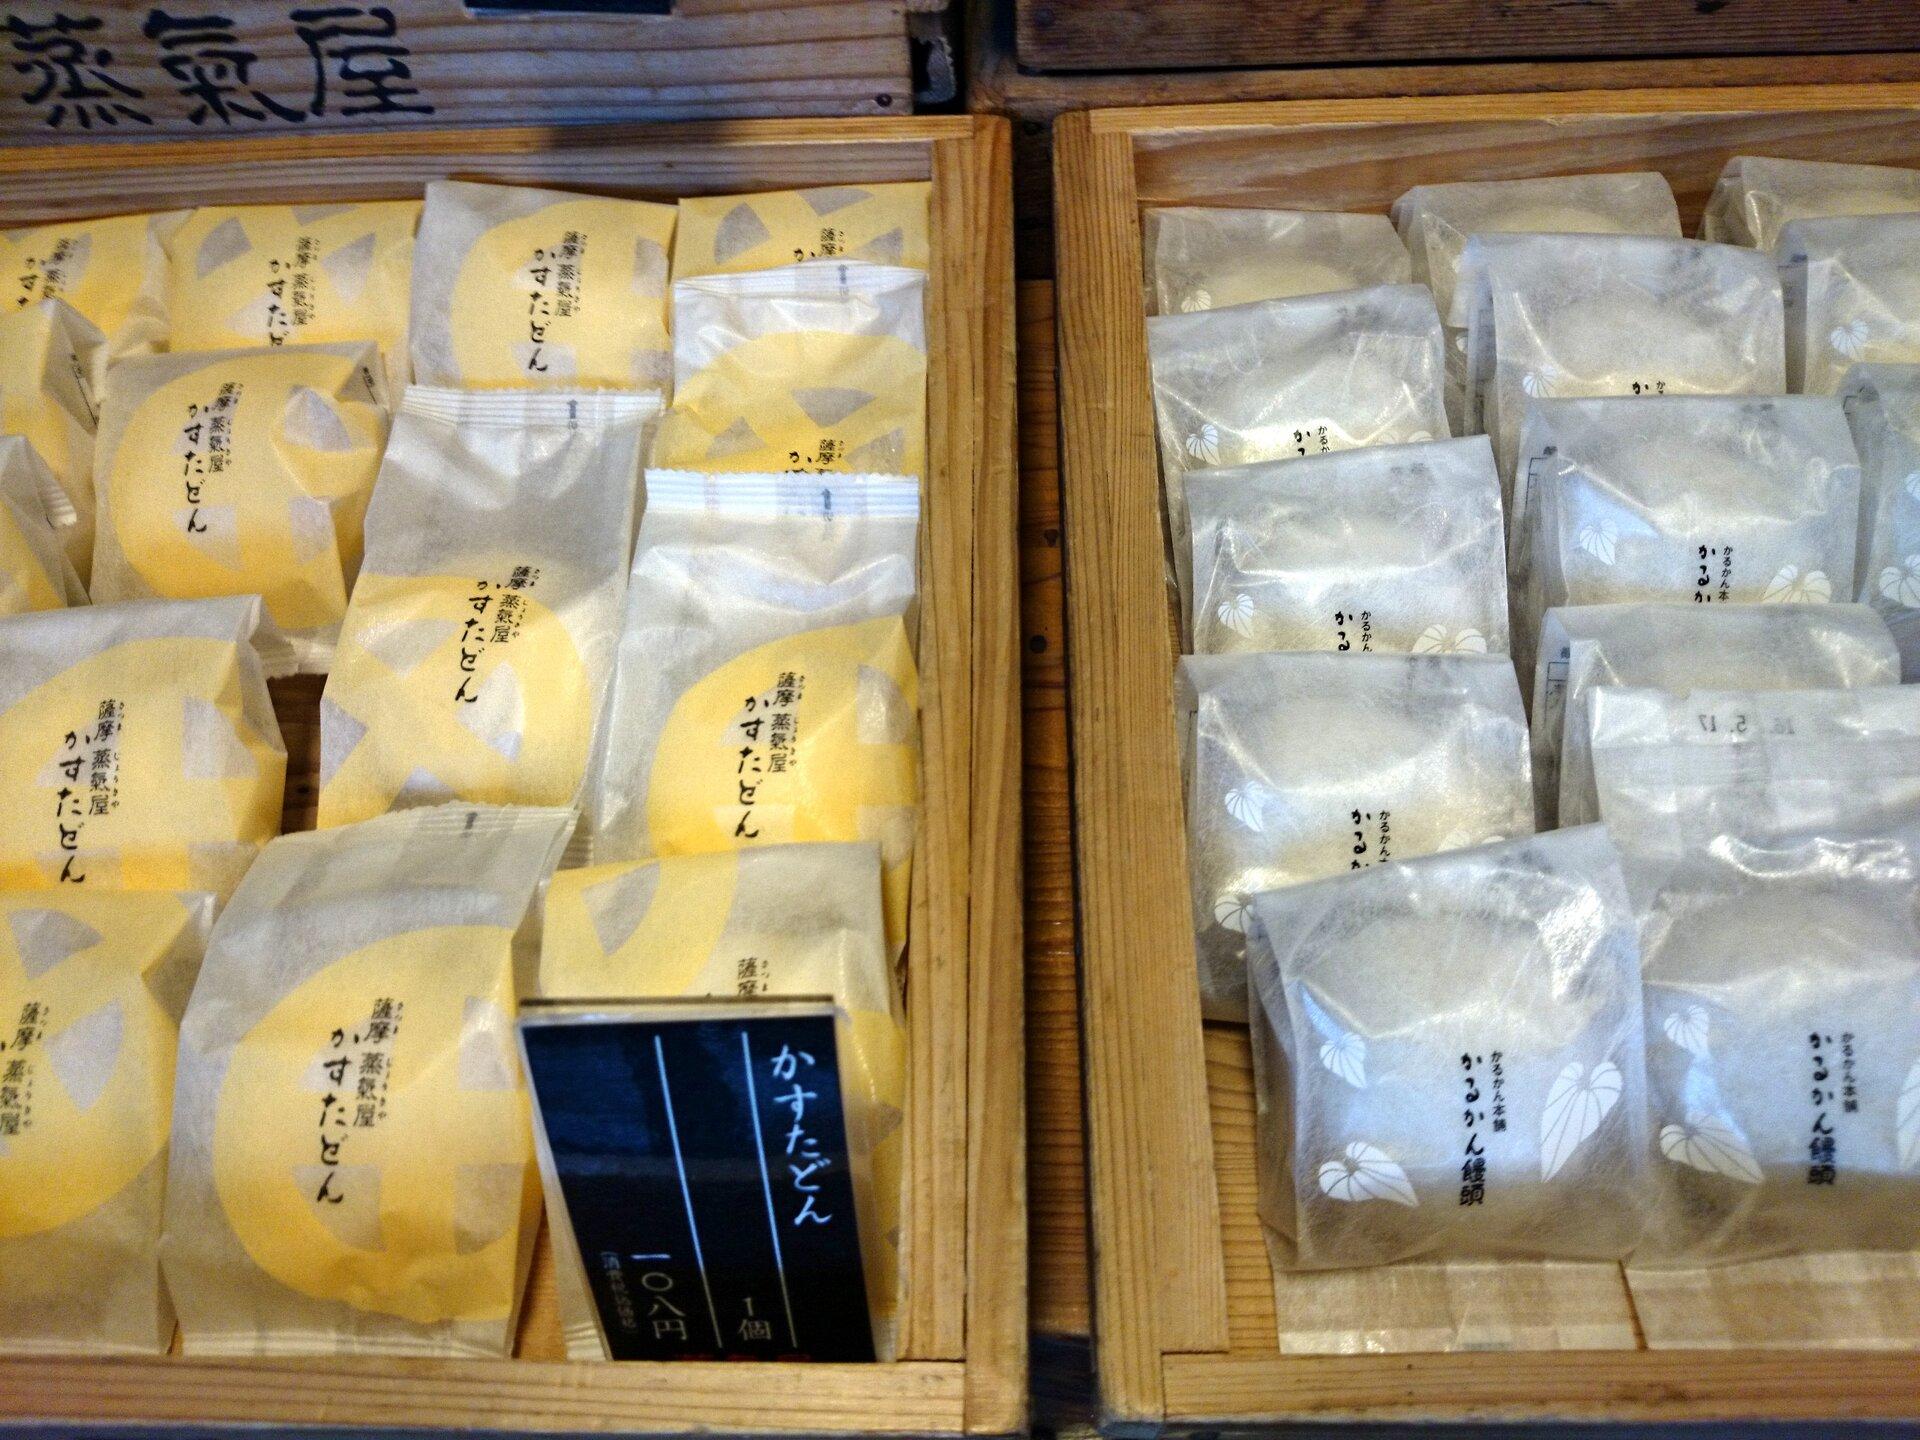 鹿児島旅行☆安くて美味しいスイーツ特集!おすすめのお店厳選二店をご紹介。お土産にも